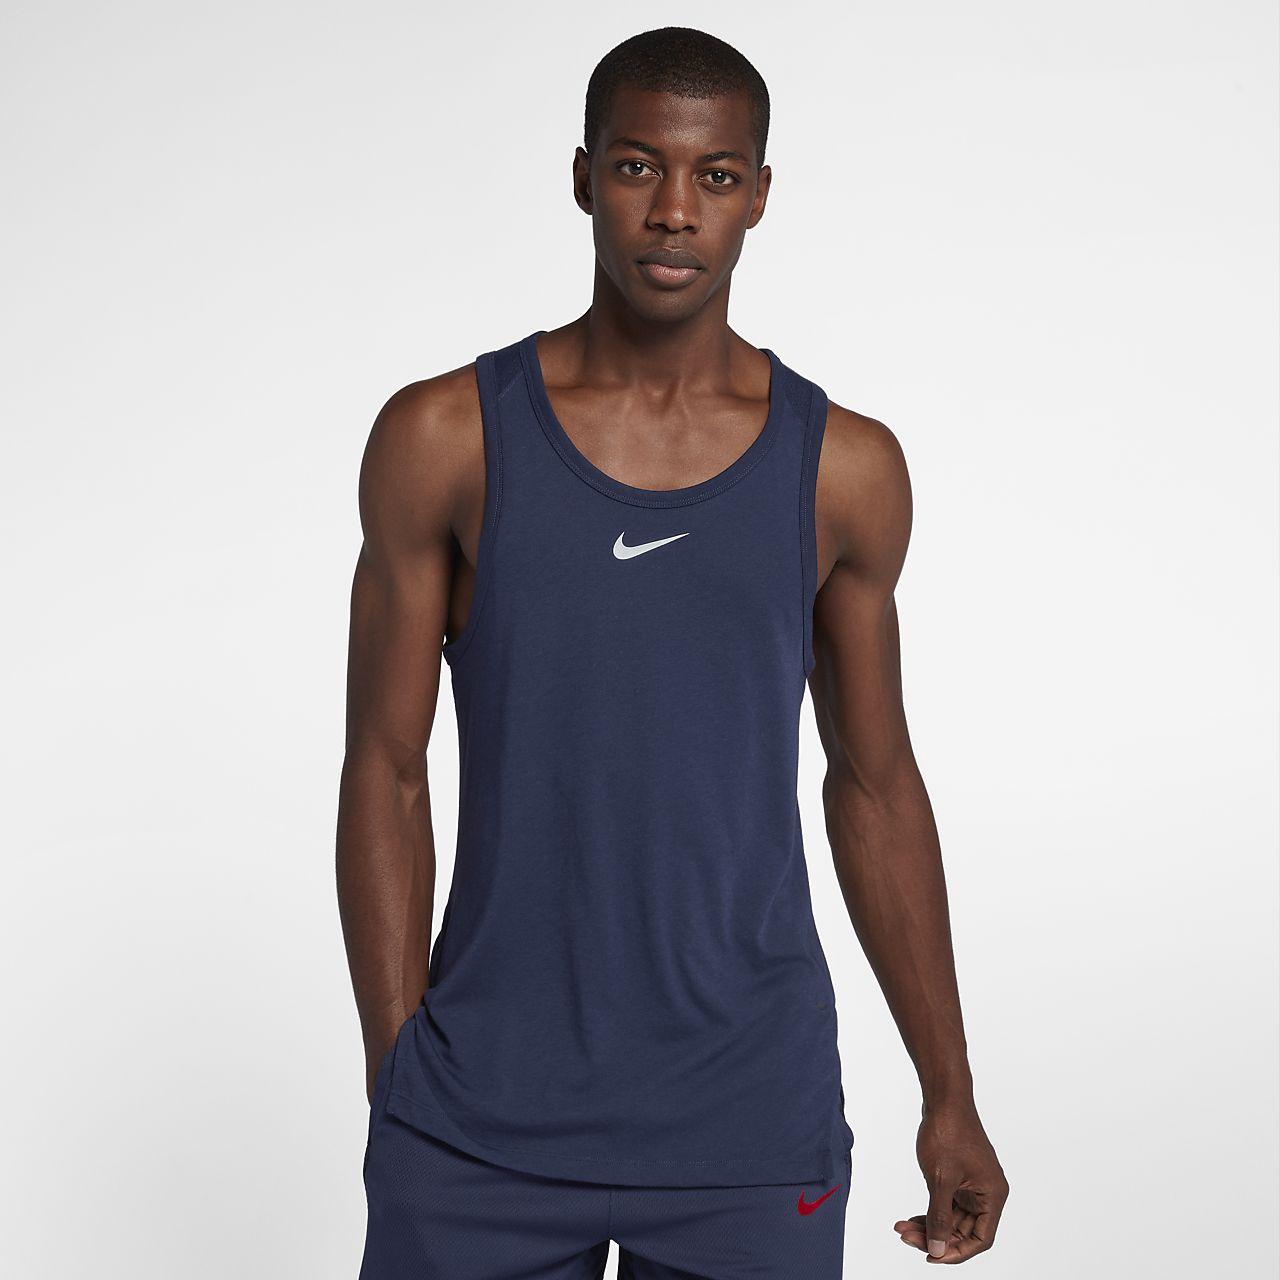 Nike Breathe Elite Men's Sleeveless Basketball Top